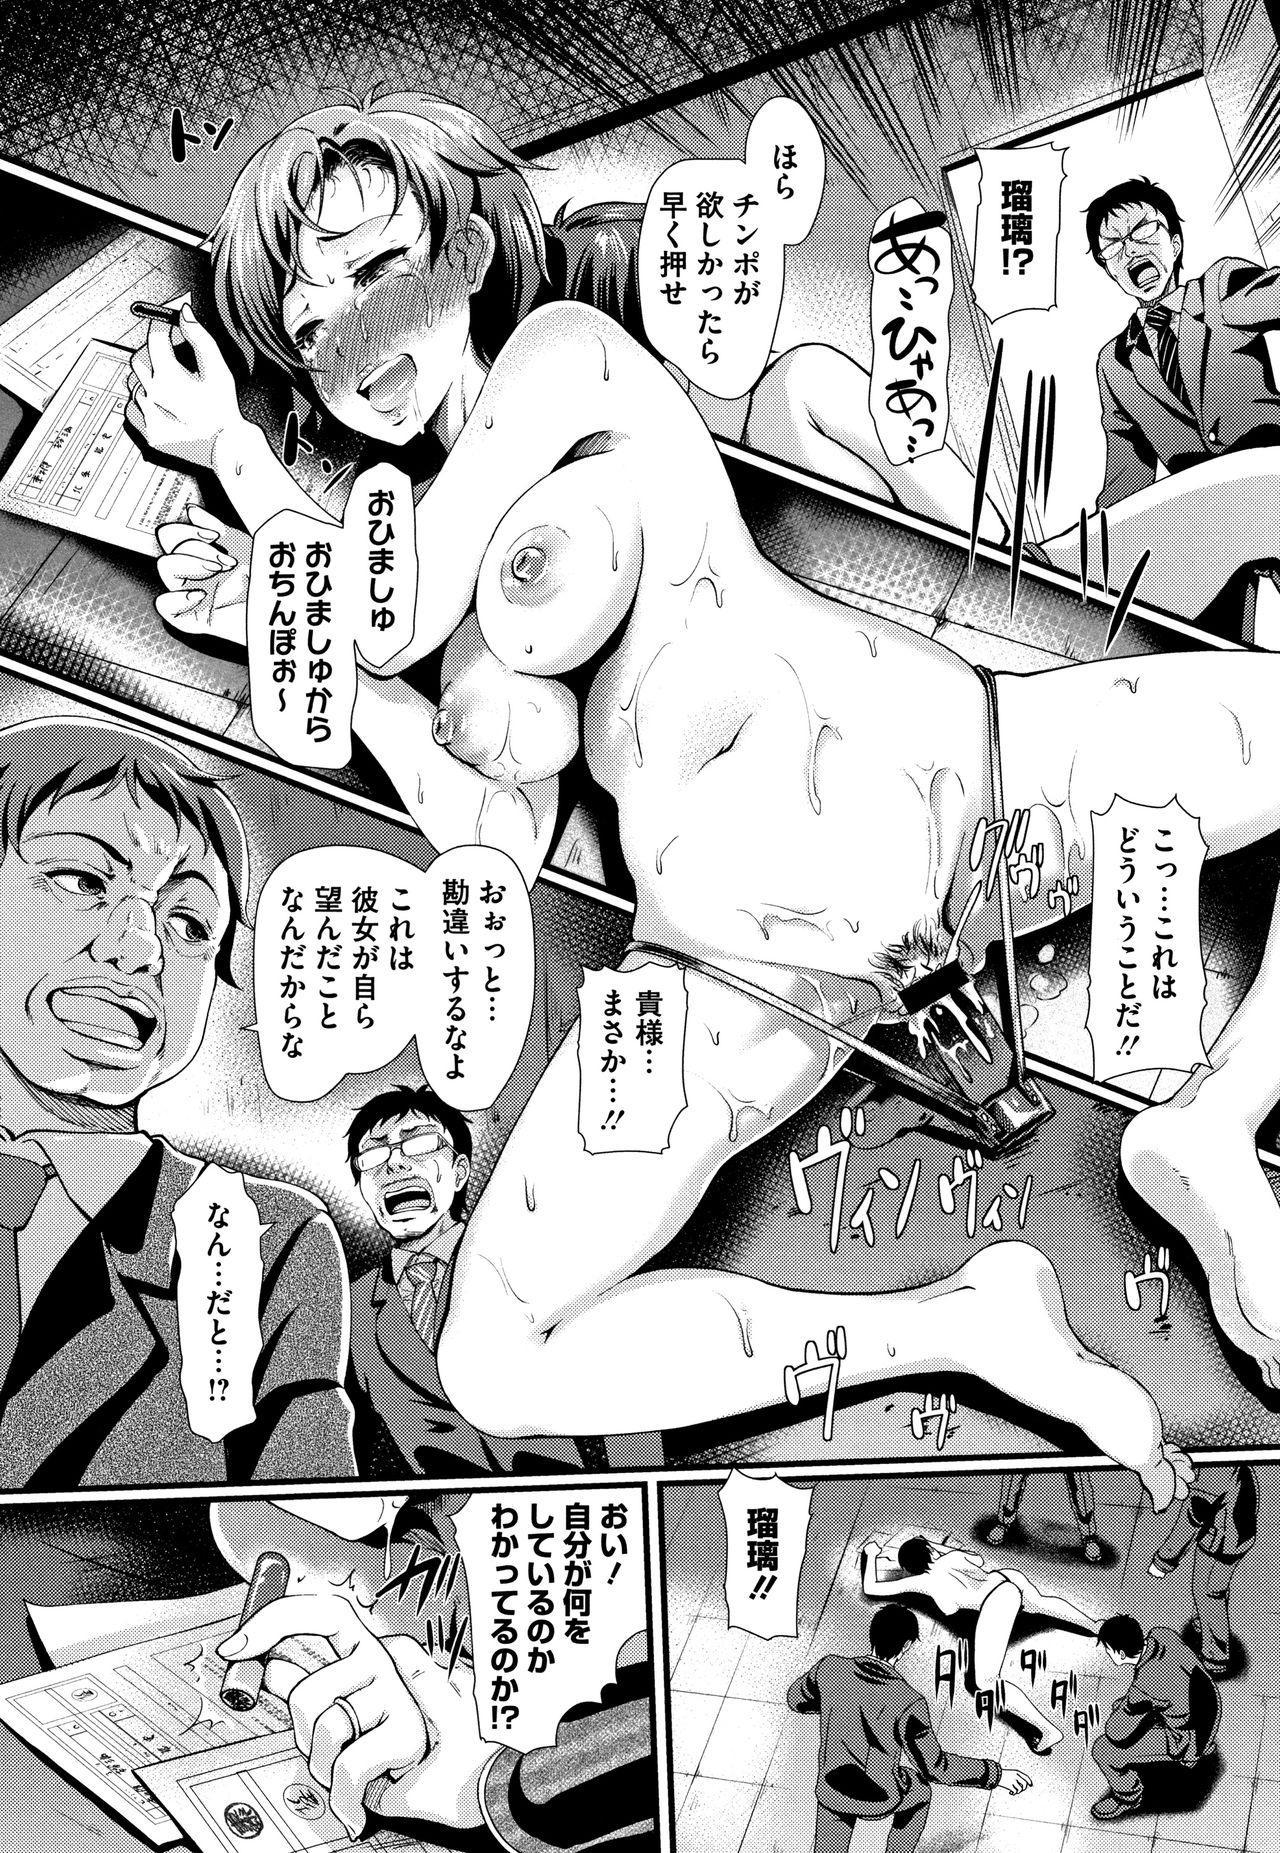 Gusai no Tawamure 42